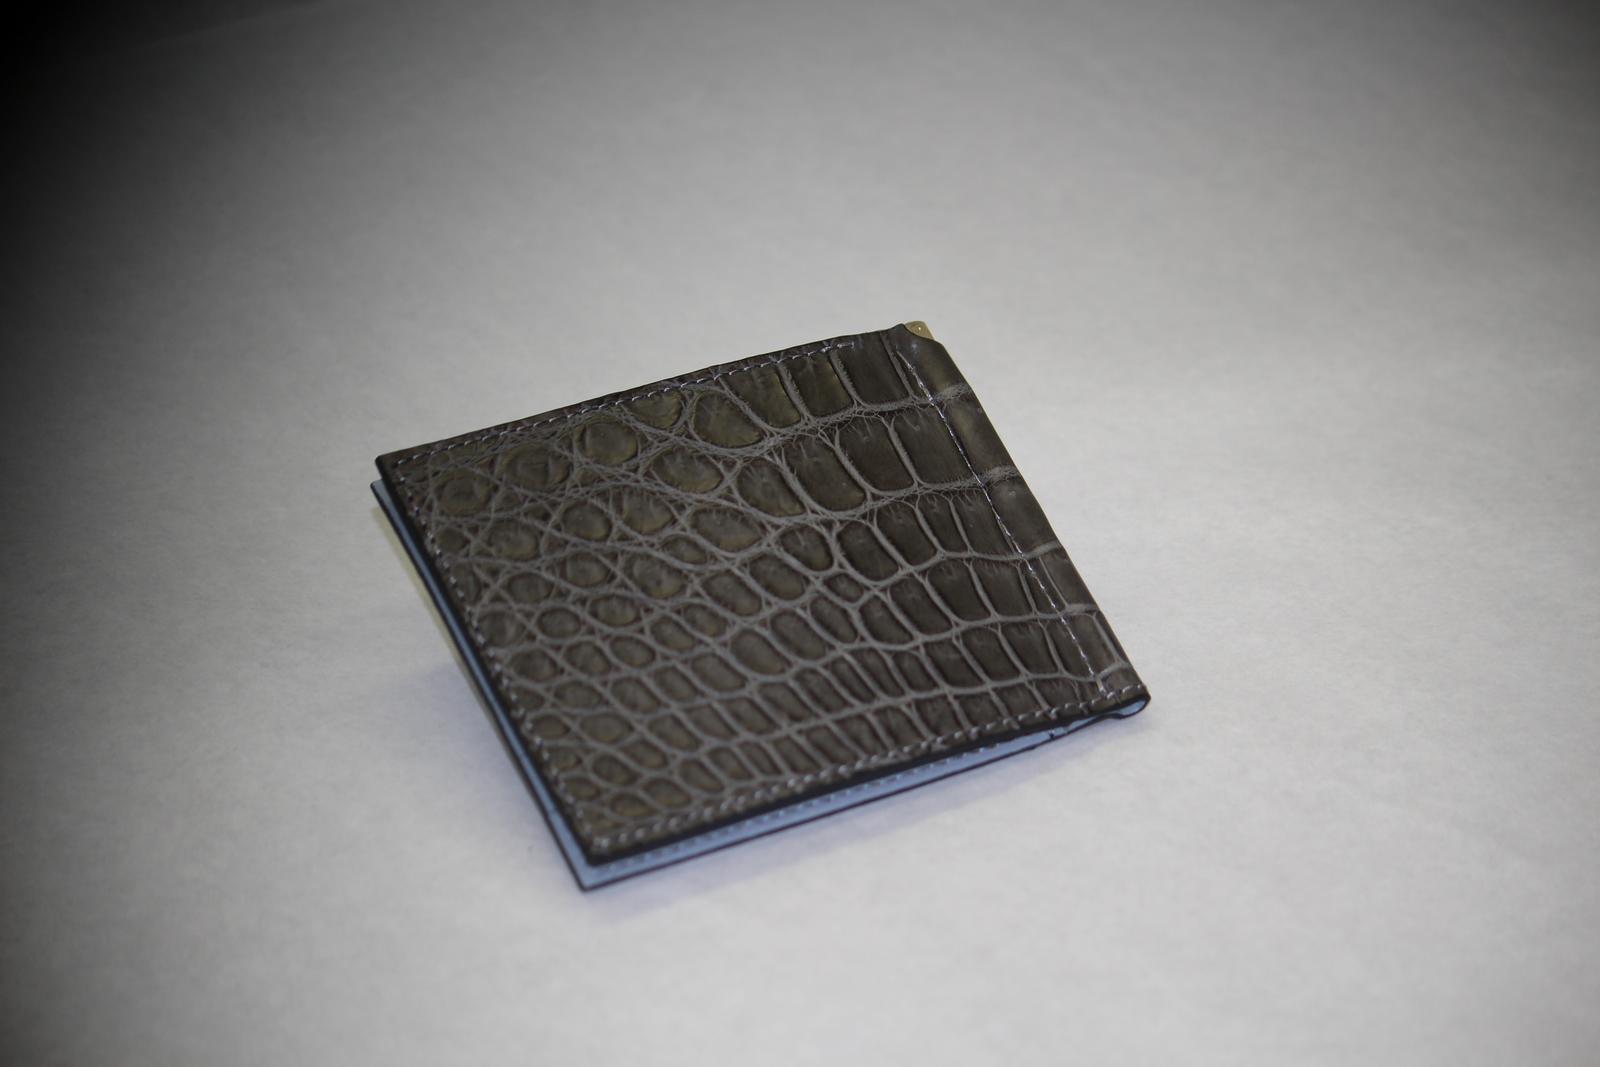 クロコダイル 財布 マネークリップ 山本製鞄 メンズ 日本製 本革 グレー